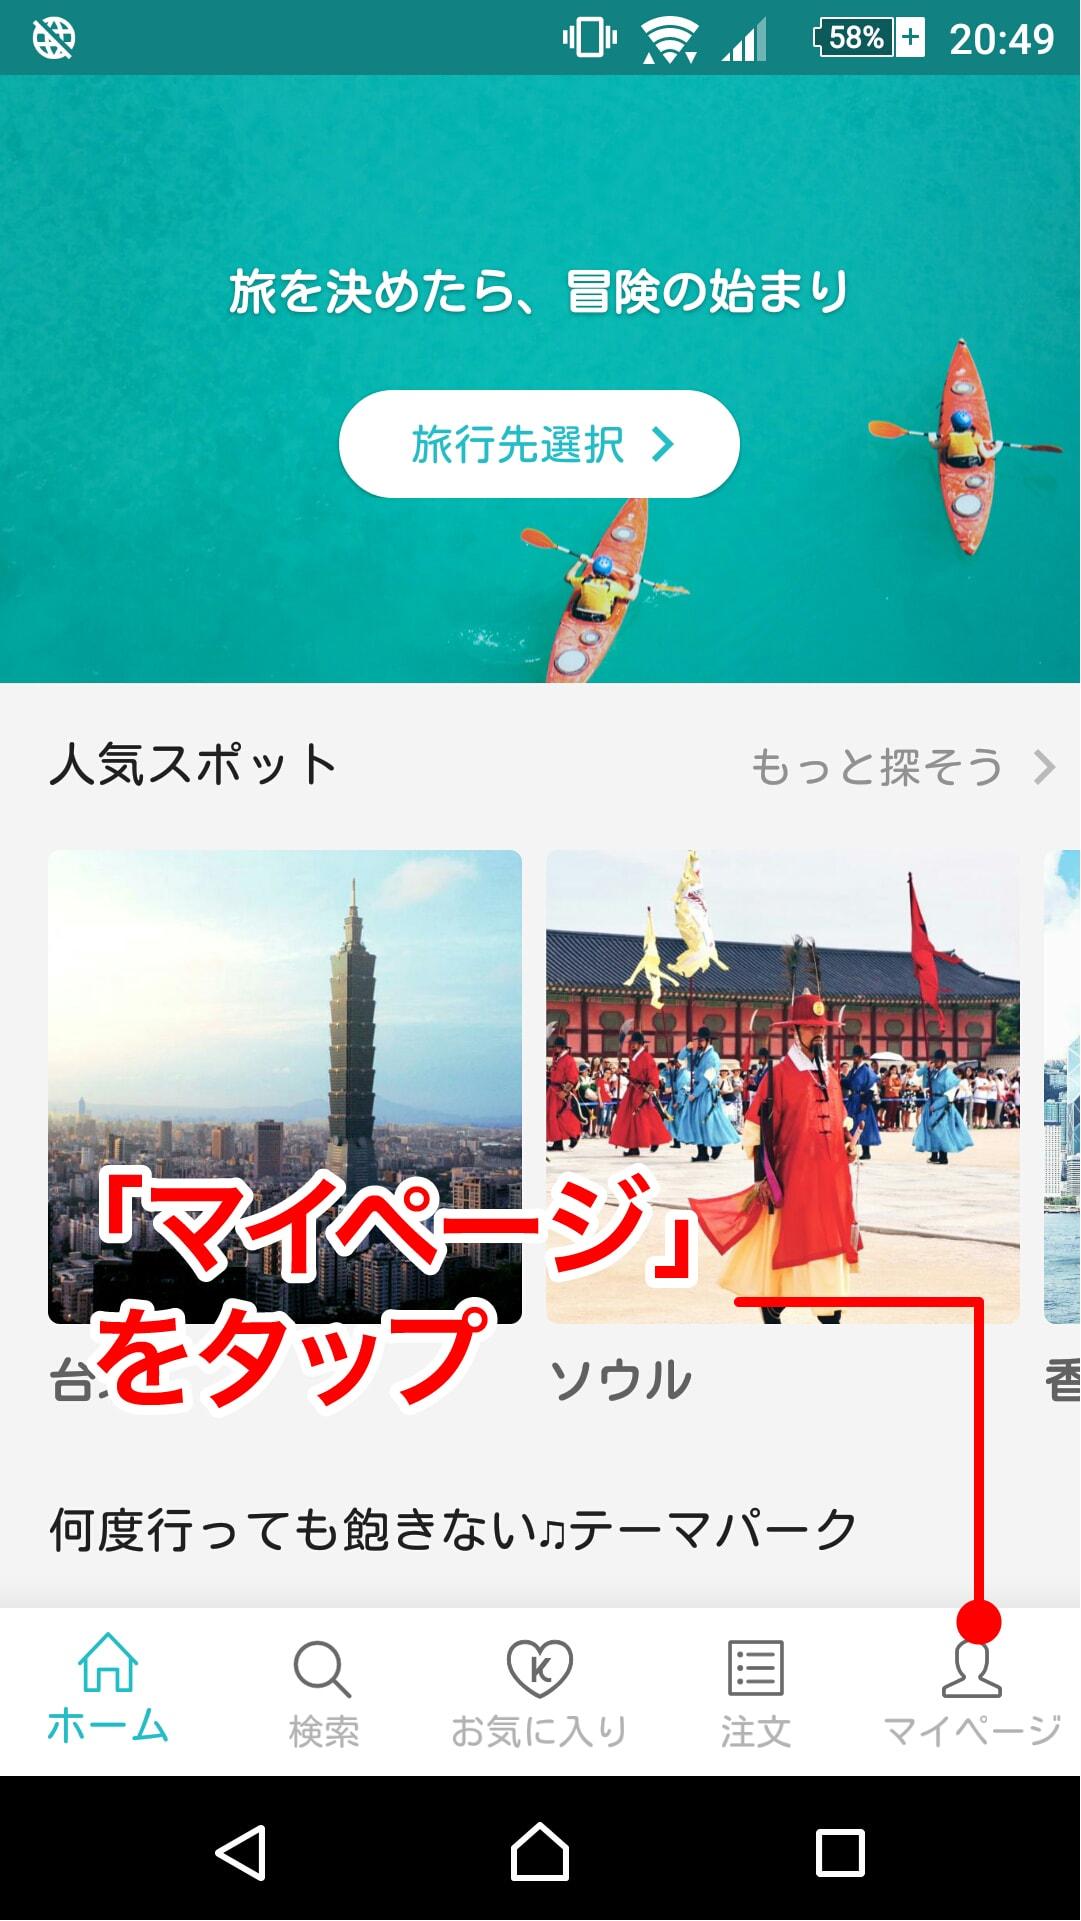 台湾の旅行サイト「KKday」アプリの使い方_1